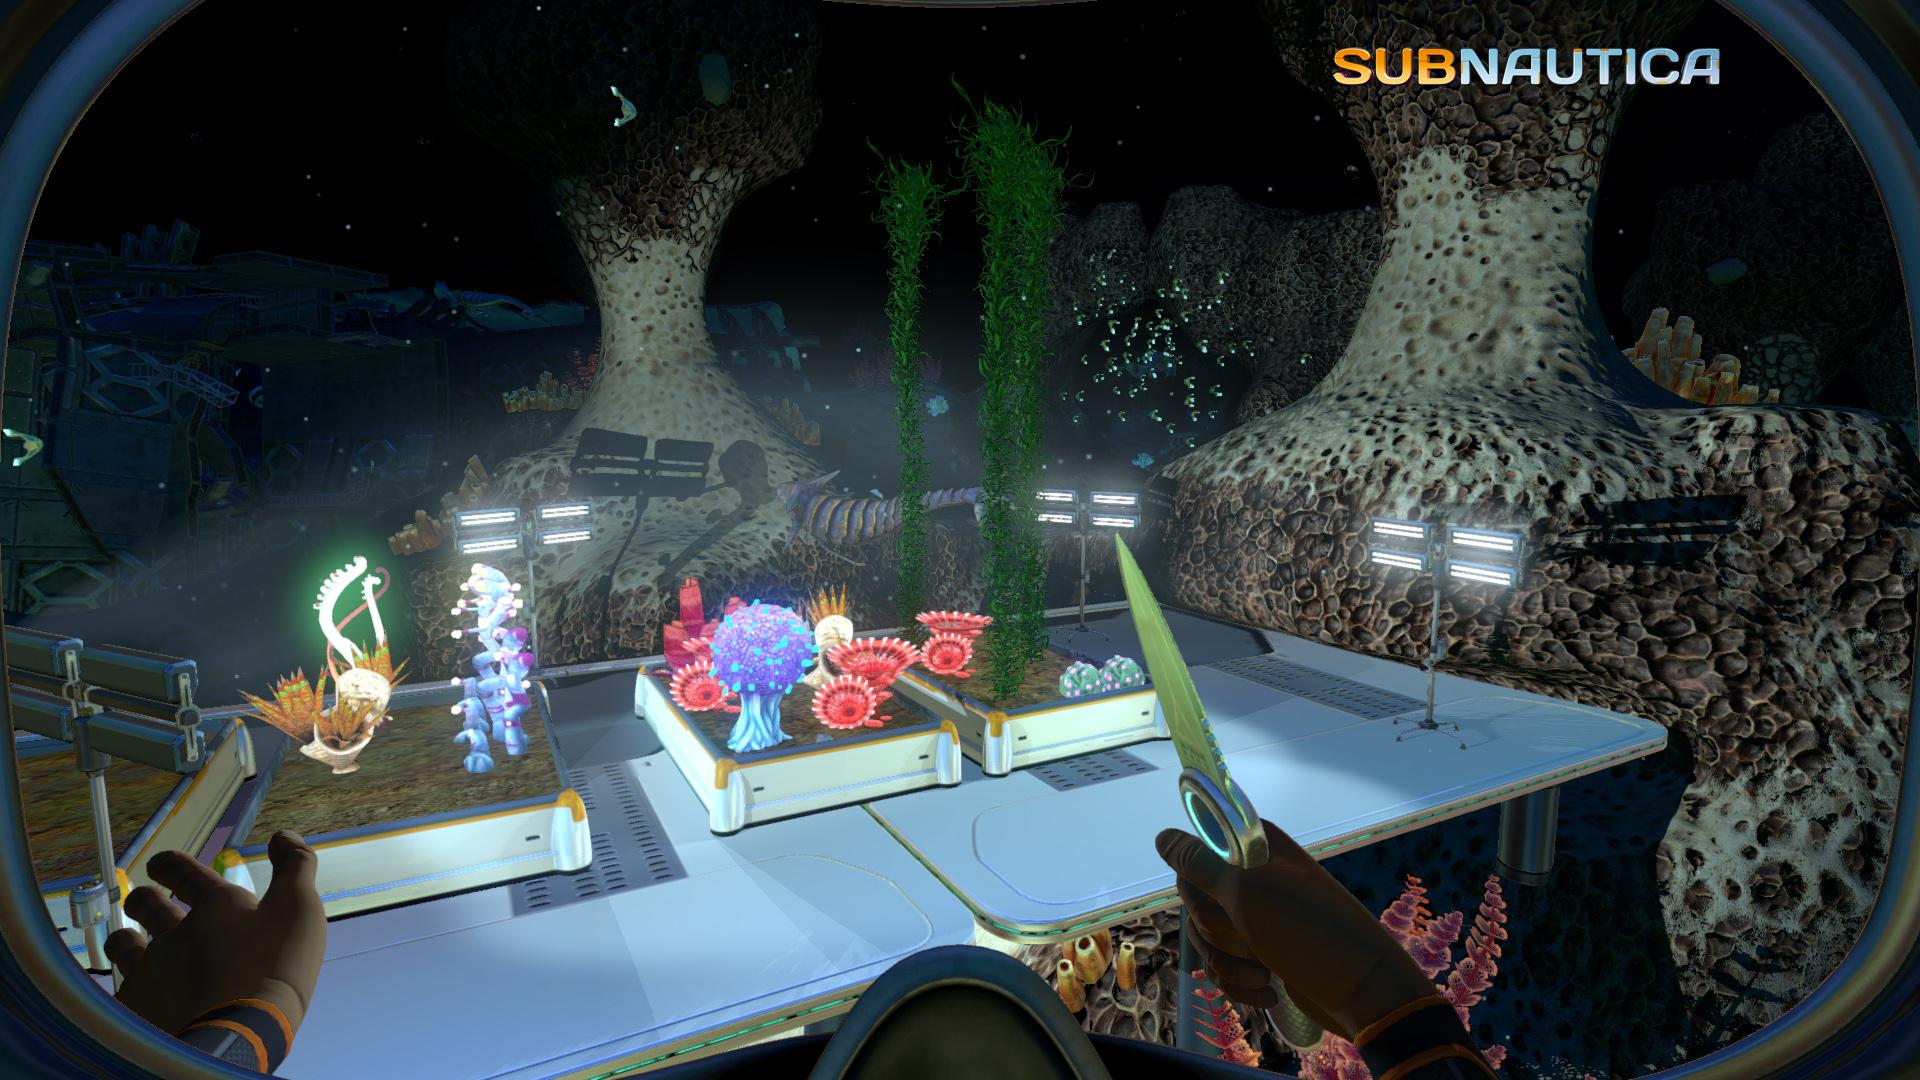 美丽水世界:深海迷航/水下之旅/电脑小游戏/Subnautica